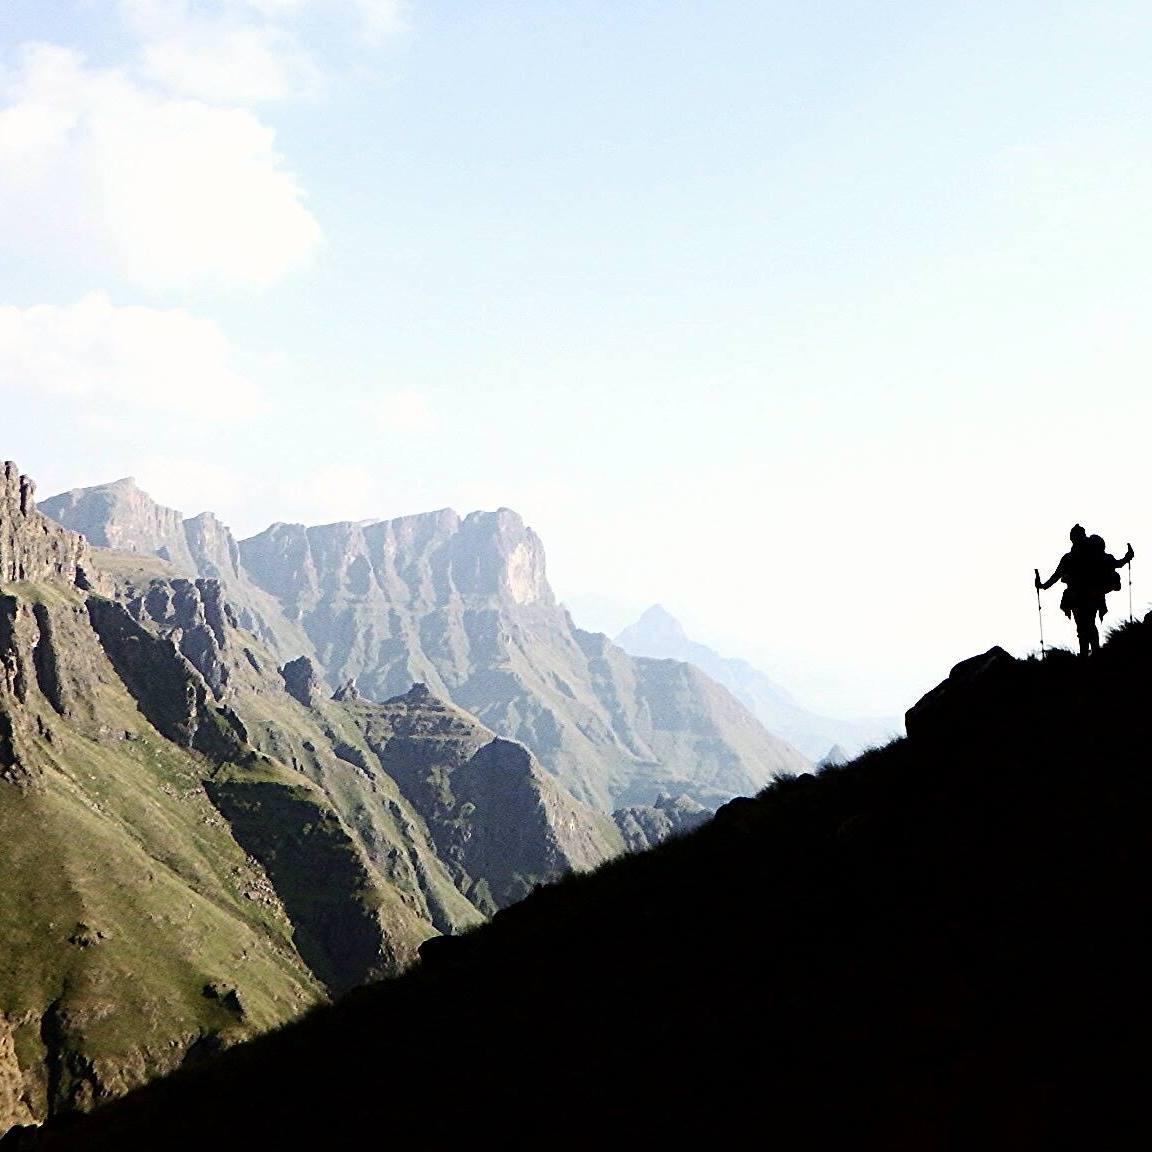 Trekking in South Africa's Drakensberg mountains